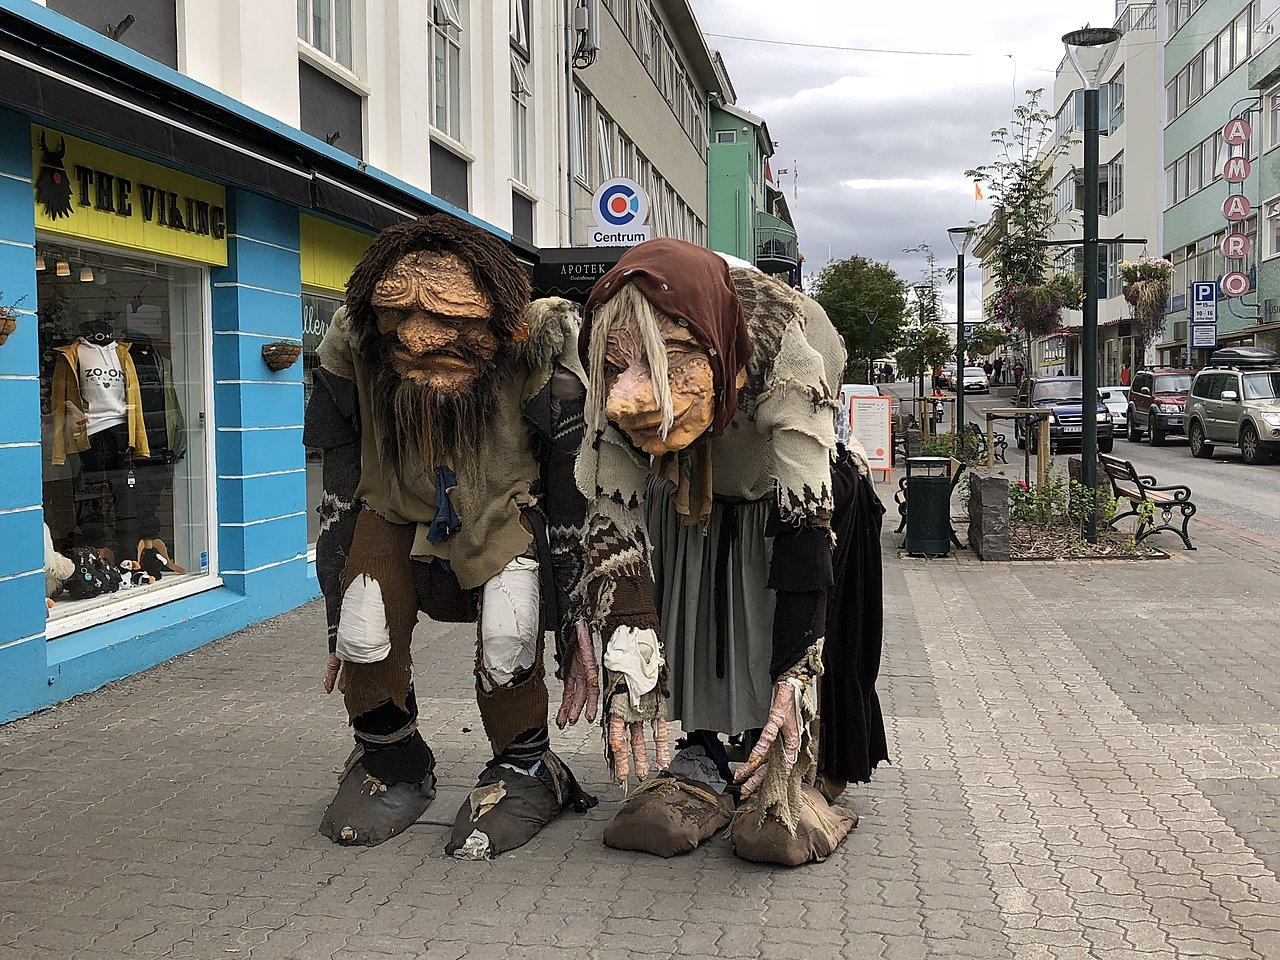 Trolls in Akureyri | Photo taken by Laura D